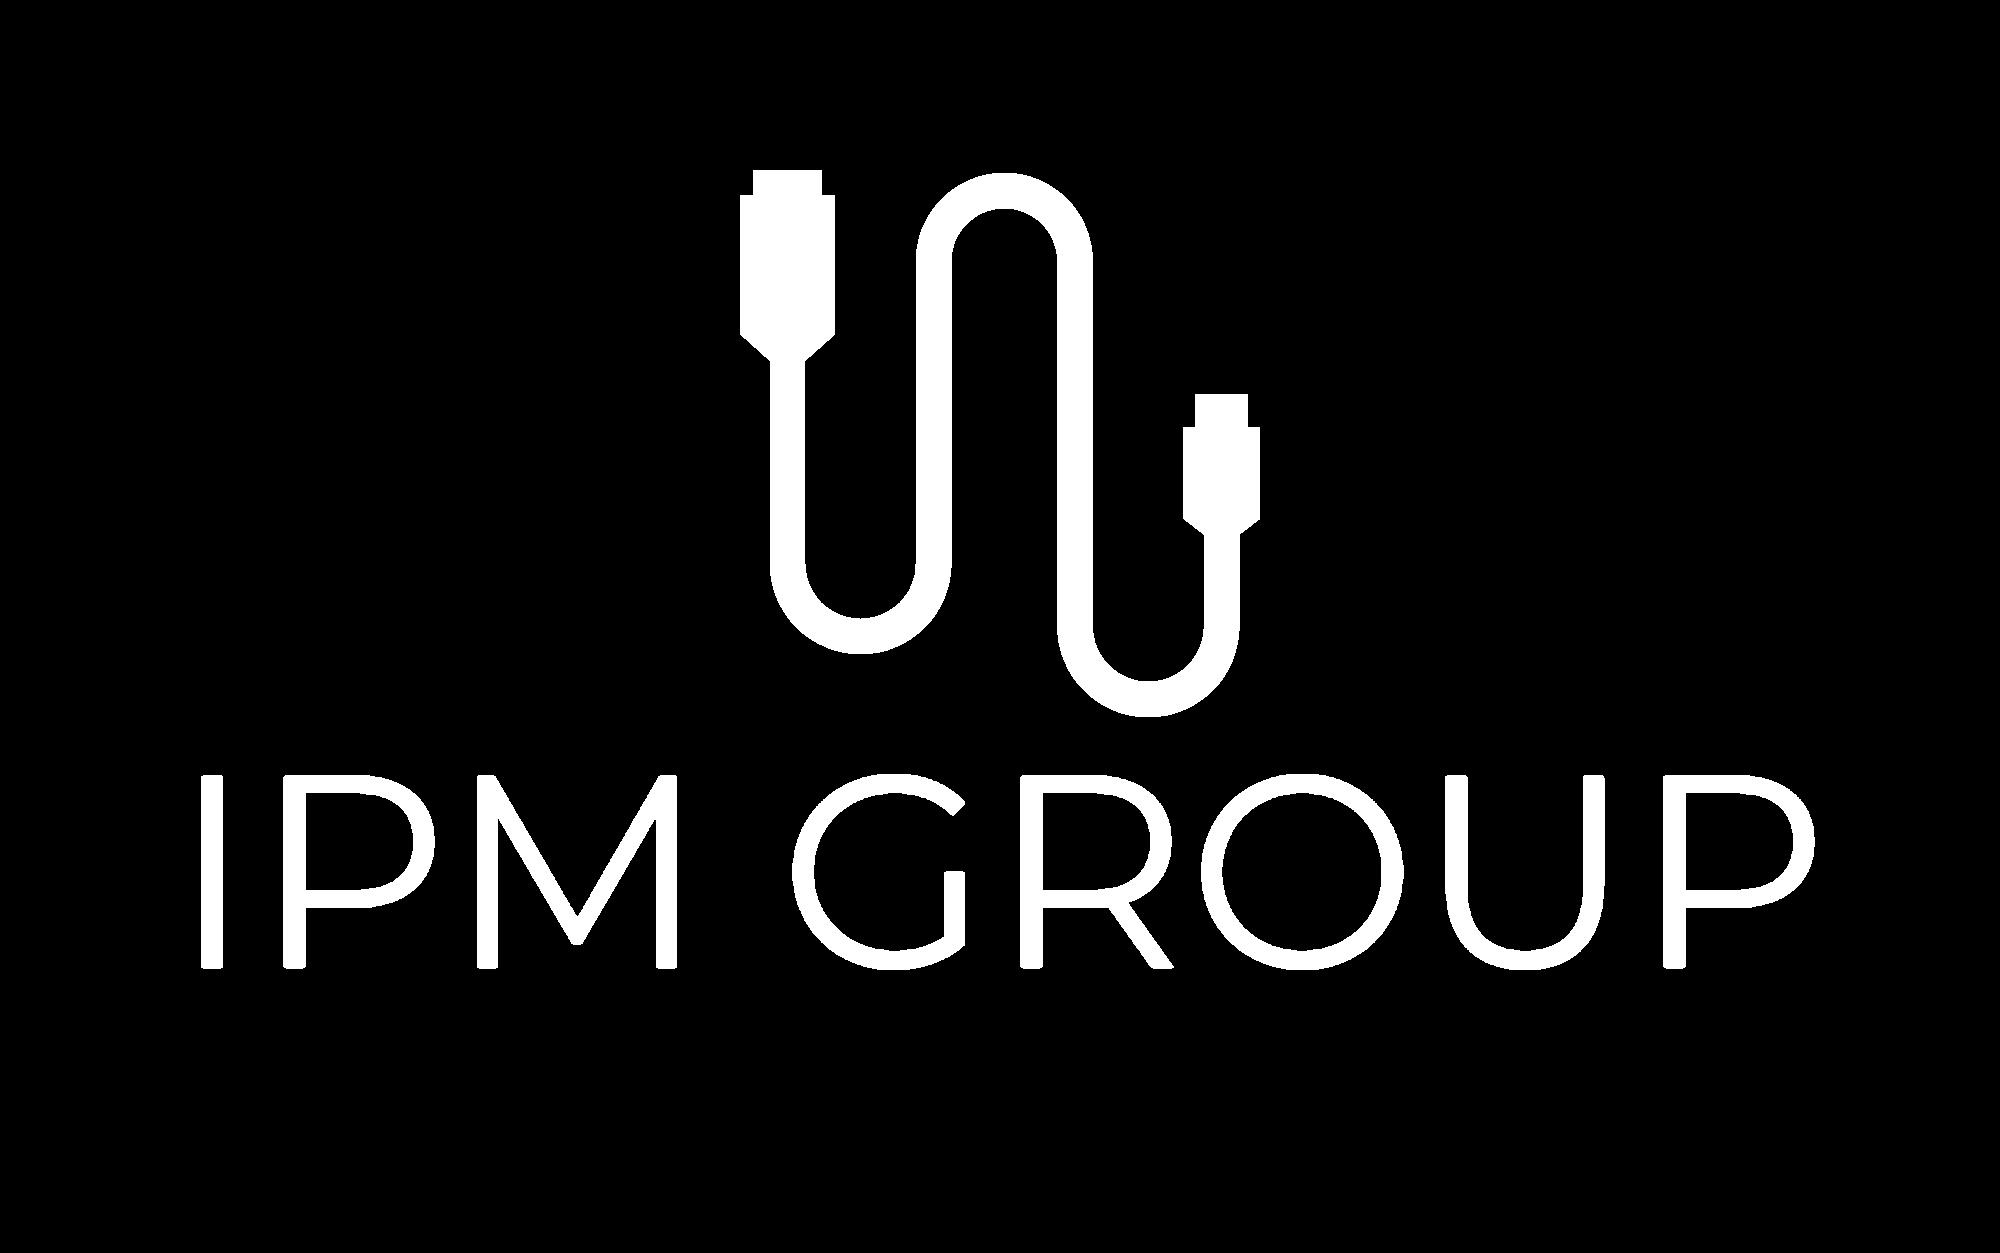 Разработка логотипа для управляющей компании фото f_0845f8311fae52d4.png